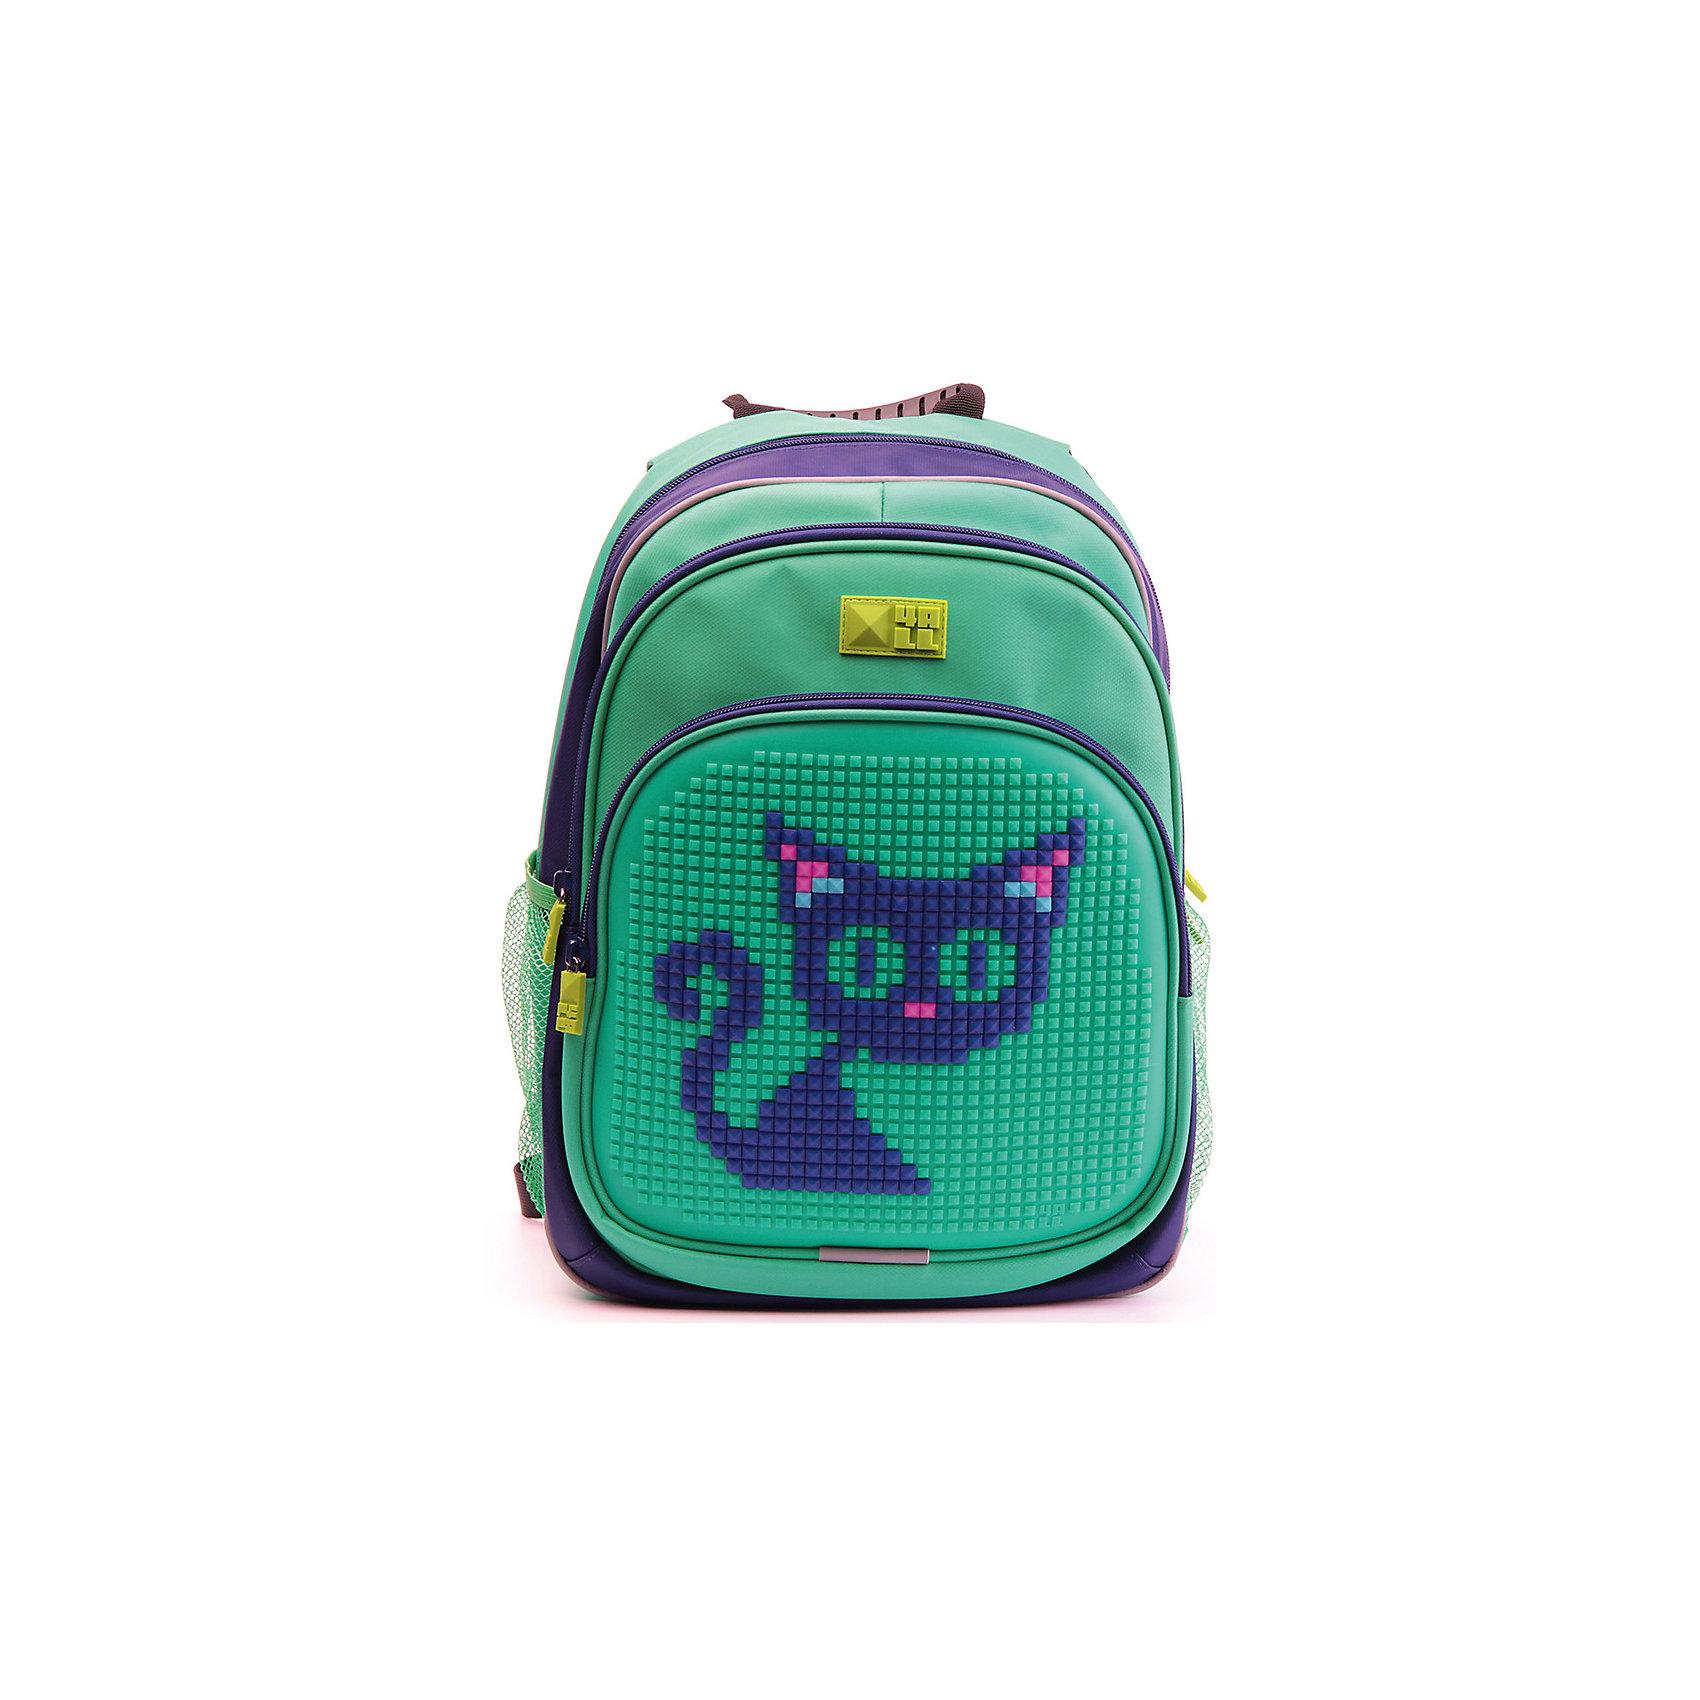 4ALL Рюкзак Kids, сине-зеленыйРюкзаки<br>Рюкзак KIDS - это одновременно и яркий, функциональный школьный аксессуар, и безграничная площадка для самовыражения, способная подчеркнуть любой выбранный образ. С помощью уникальной силиконовой панели и набора пластиковых пикселей-битов можно декорировать фасад рюкзака, как угодно, полагаясь на свое воображение и вкус. А все материалы, задействованные при изготовлении, имеют специальную вода- и грязеотталкивающую пропитку, что гарантирует практичность, износостойкость и долговечность рюкзака.<br><br>Такой современный и интересный ранец будет прекрасным подарком к 1 сентября!<br><br>Особенности:<br>AIR COMFORT system:<br>- Система свободной циркуляции воздуха между задней стенкой рюкзака и спиной ребенка.<br>- Совместно с ортопедической спиной ERGO system эта система воздухообмена делает ежедневное использование рюкзаков KIDS безопасным для здоровья и максимально комфортным!<br>ERGO system:<br>- Разработанная нами система ERGO служит равномерному распределению нагрузки на спину ребенка. Она способна сделать рюкзак, наполненный учебниками, легким. ERGO служит сохранению правильной осанки и заботится о здоровье позвоночника!<br>Ортопедическая спина:<br>- Важное свойство наших рюкзаков - ортопедическая спина! Способна как корсет поддерживать позвоночник, правильно распределяя нагрузку, а так же обеспечивает циркуляцию воздуха между задней стенкой рюкзака и спиной ребенка!<br>А также:<br>- Гипоаллергенный силикон;<br>- Водоотталкивающие материалы;<br>- Устойчивость всех материалов к температурам воздуха ниже 0!<br><br>Дополнительная информация:<br><br>- Рюкзак уже содержит 1 упаковку разноцветных пикселей-битов (300 шт.) для создания картинок<br>- Цвет: сине-зеленый;<br>- Объем рюкзака: 22 л.<br>- Размер в упаковке: 39х27х15 см.<br>- Вес в упаковке: 950 г.<br><br>Рюкзак Kids в сине-зеленом  цвете , можно купить в нашем магазине.<br><br>Ширина мм: 390<br>Глубина мм: 270<br>Высота мм: 150<br>Вес г: 950<br>Возраст от месяцев: 36<br